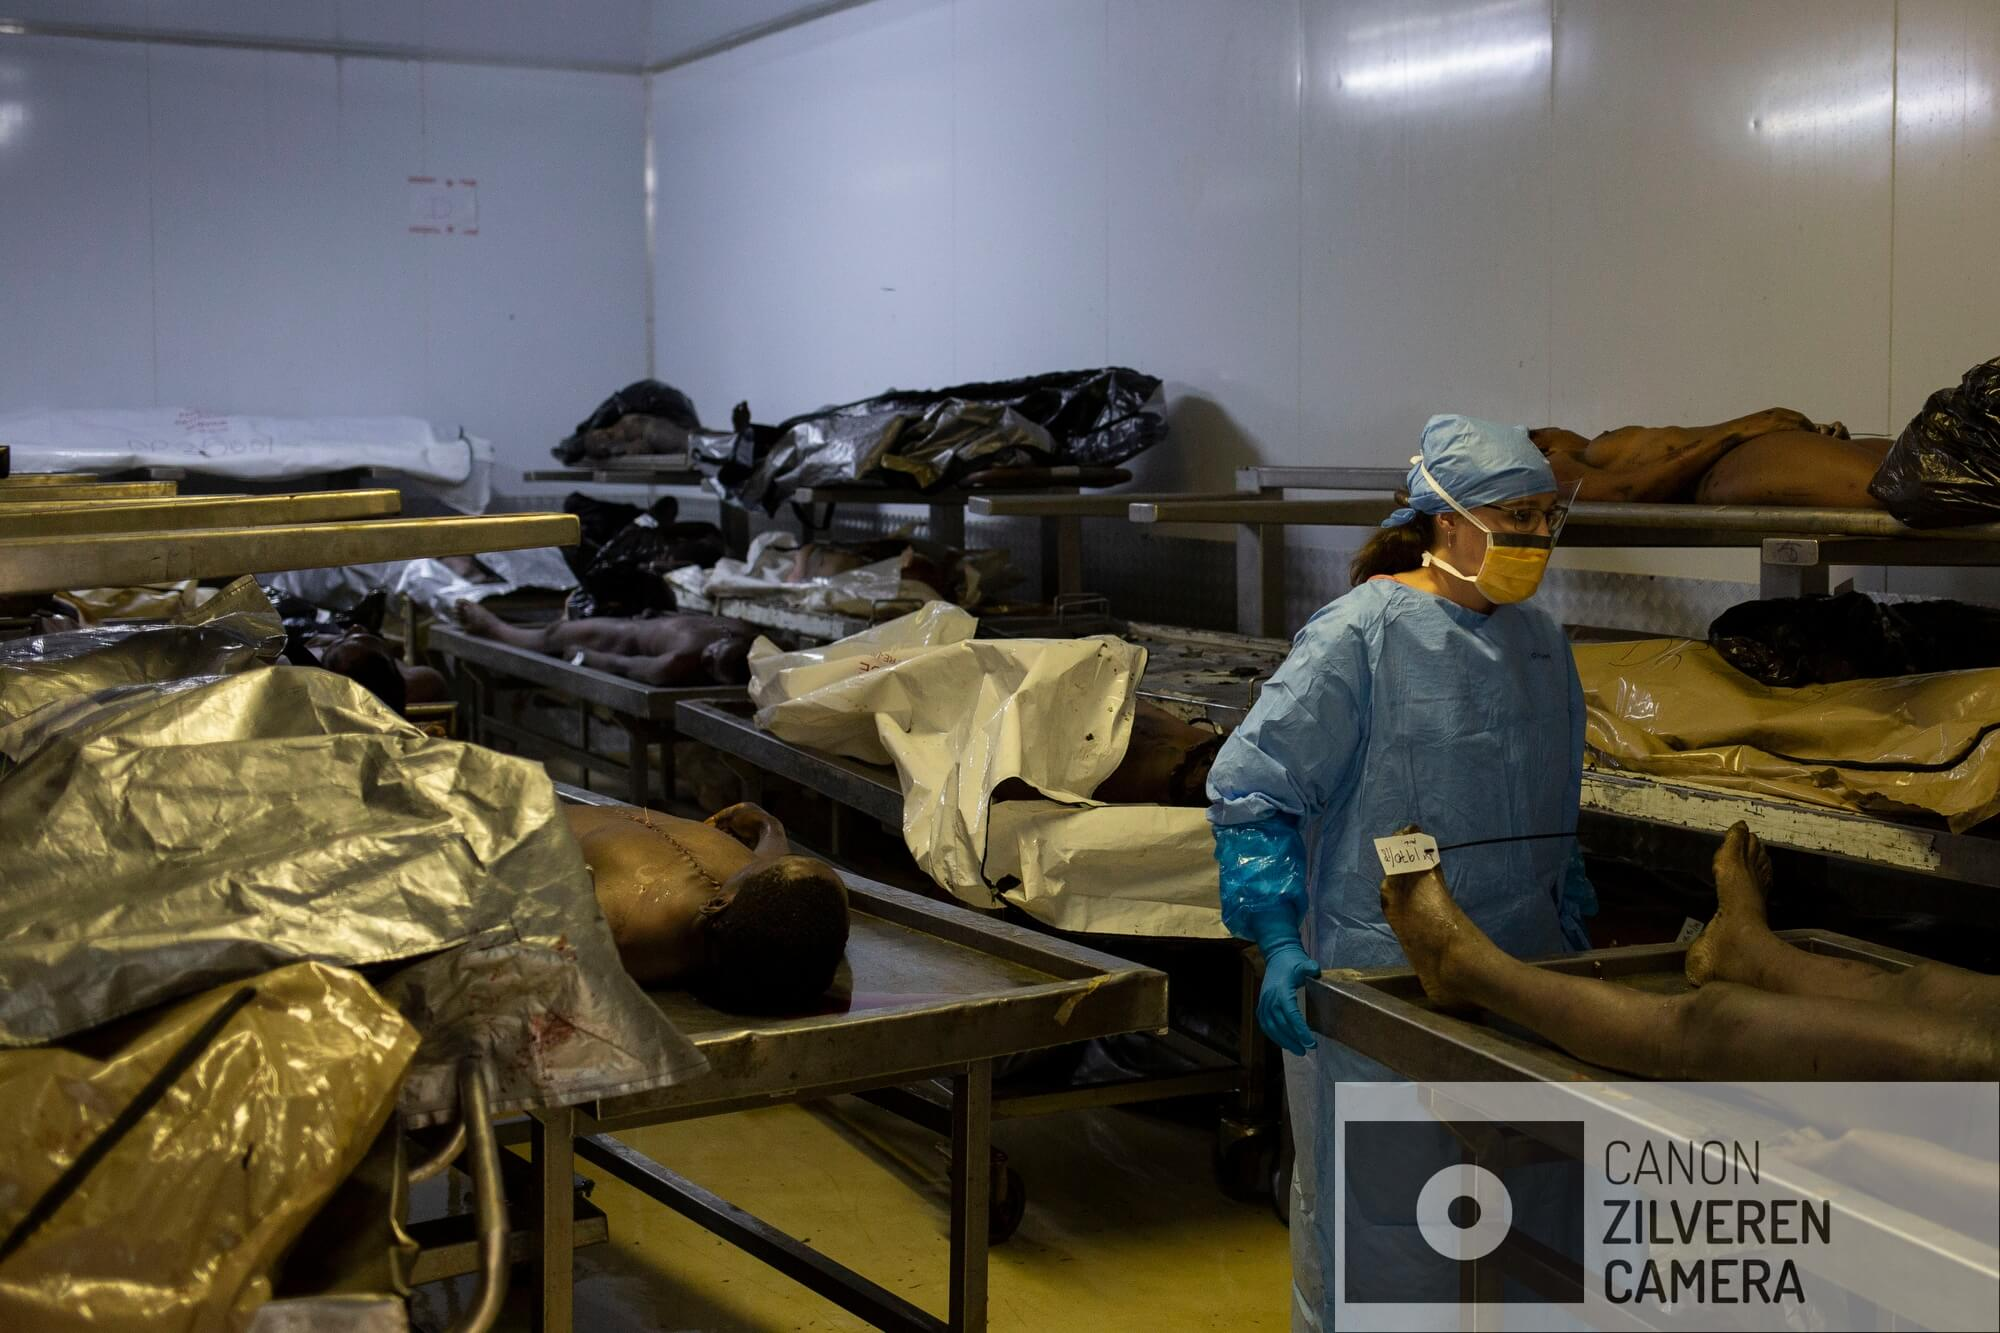 Een forensisch medewerker van het Johannesburg mortuarium in de beruchte wijk Hillbrow verplaatst een ongeïdentificeerd lichaam. Het mortuarium is het drukste van Zuid-Afrika met ongeveer 3.000 lichamen per jaar. Tien procent daarvan blijft ongeïdentificeerd.